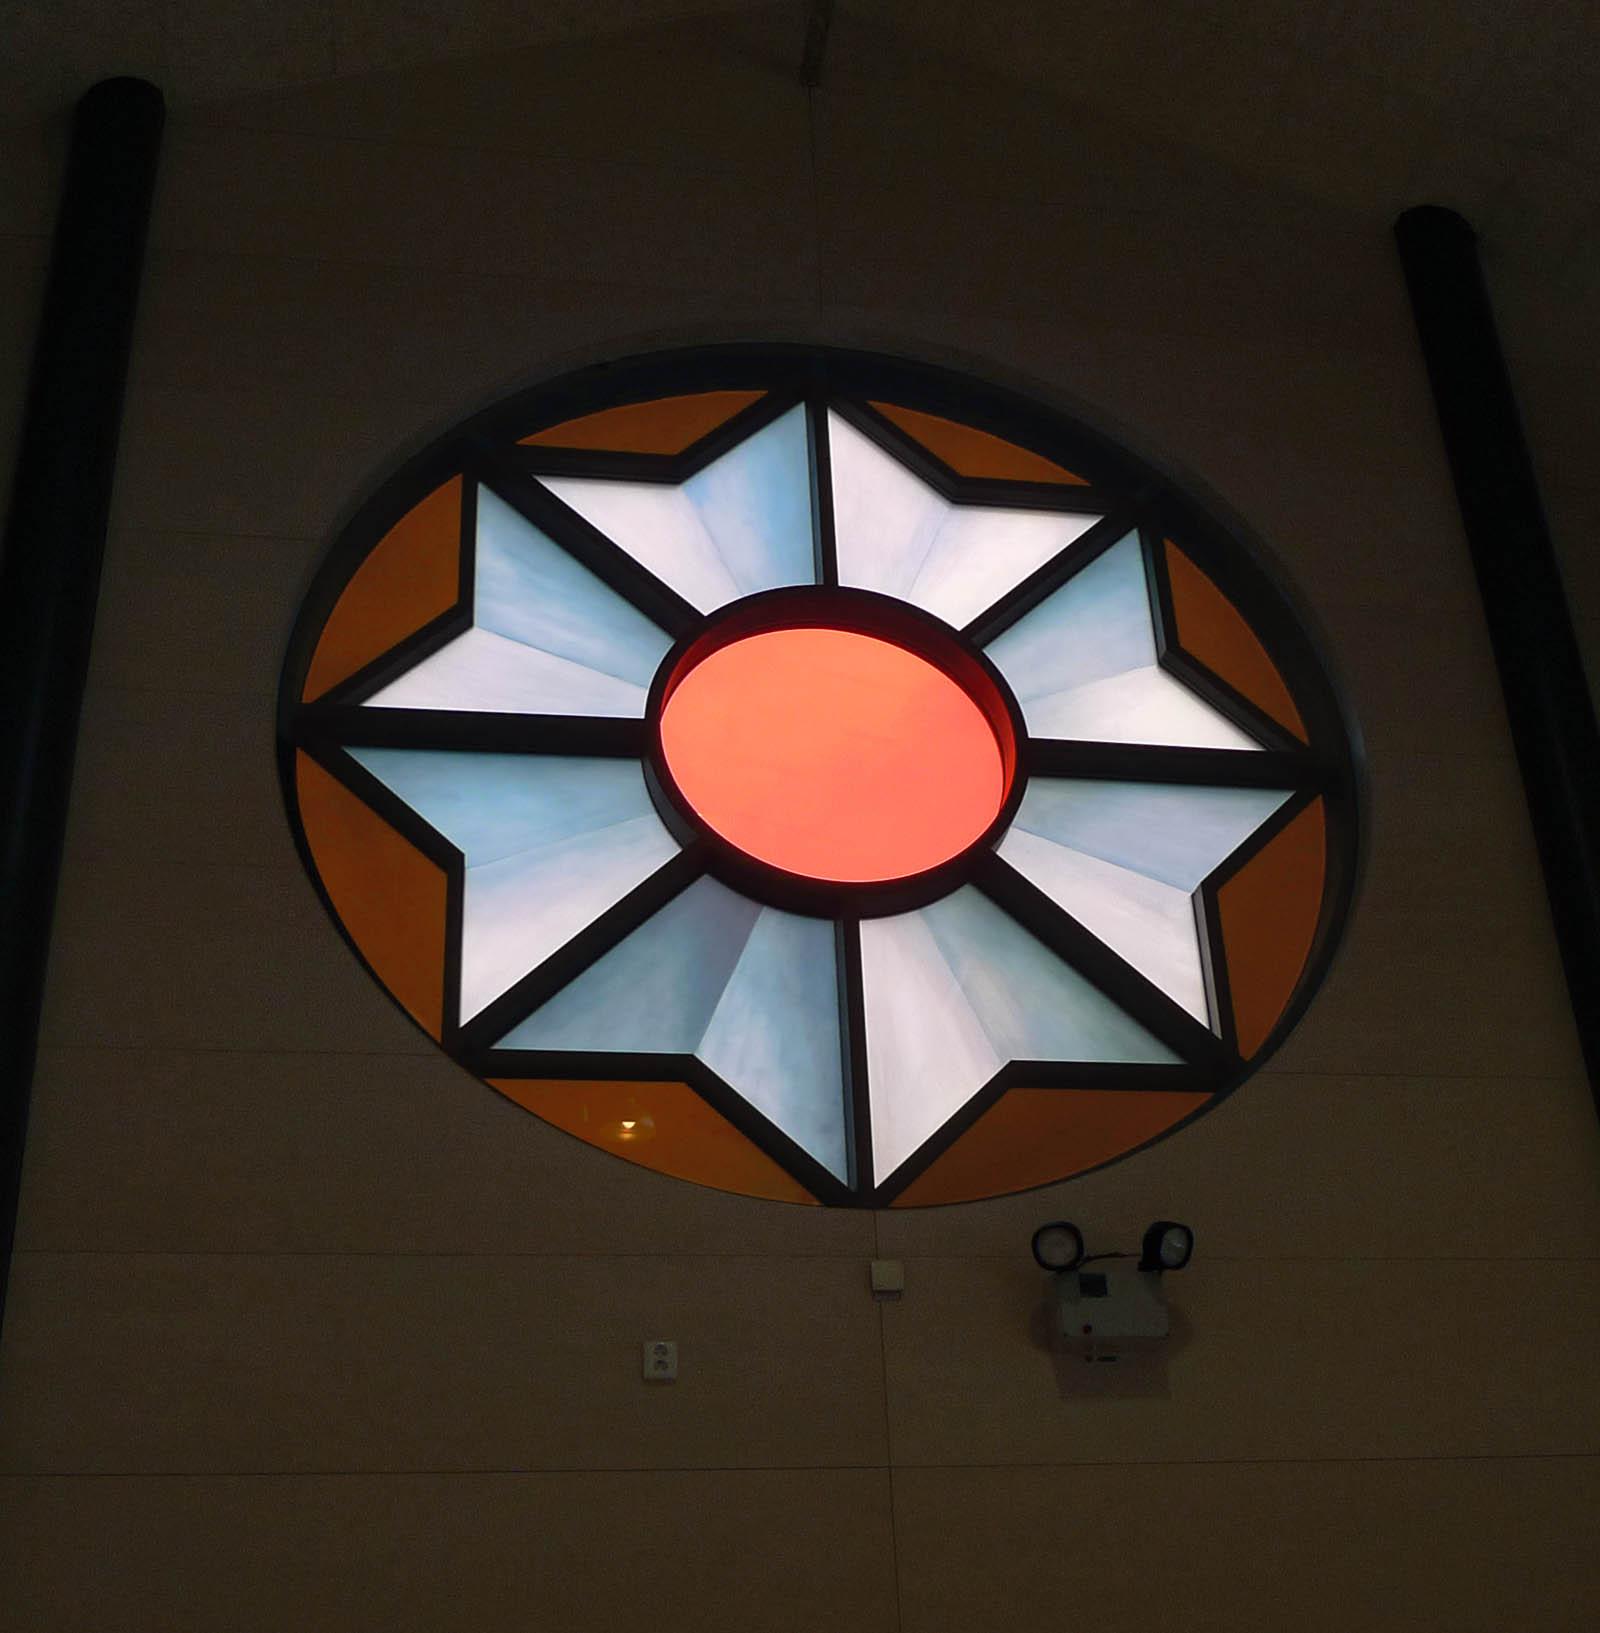 Ett cirkulärt fönster, tre meter i diameter, med digitaltryckt, laminerat glas. Motivet är en kokard, prisrosett. Cecilia Aaro och Matilda Fahlsten, Kokard, 2014.